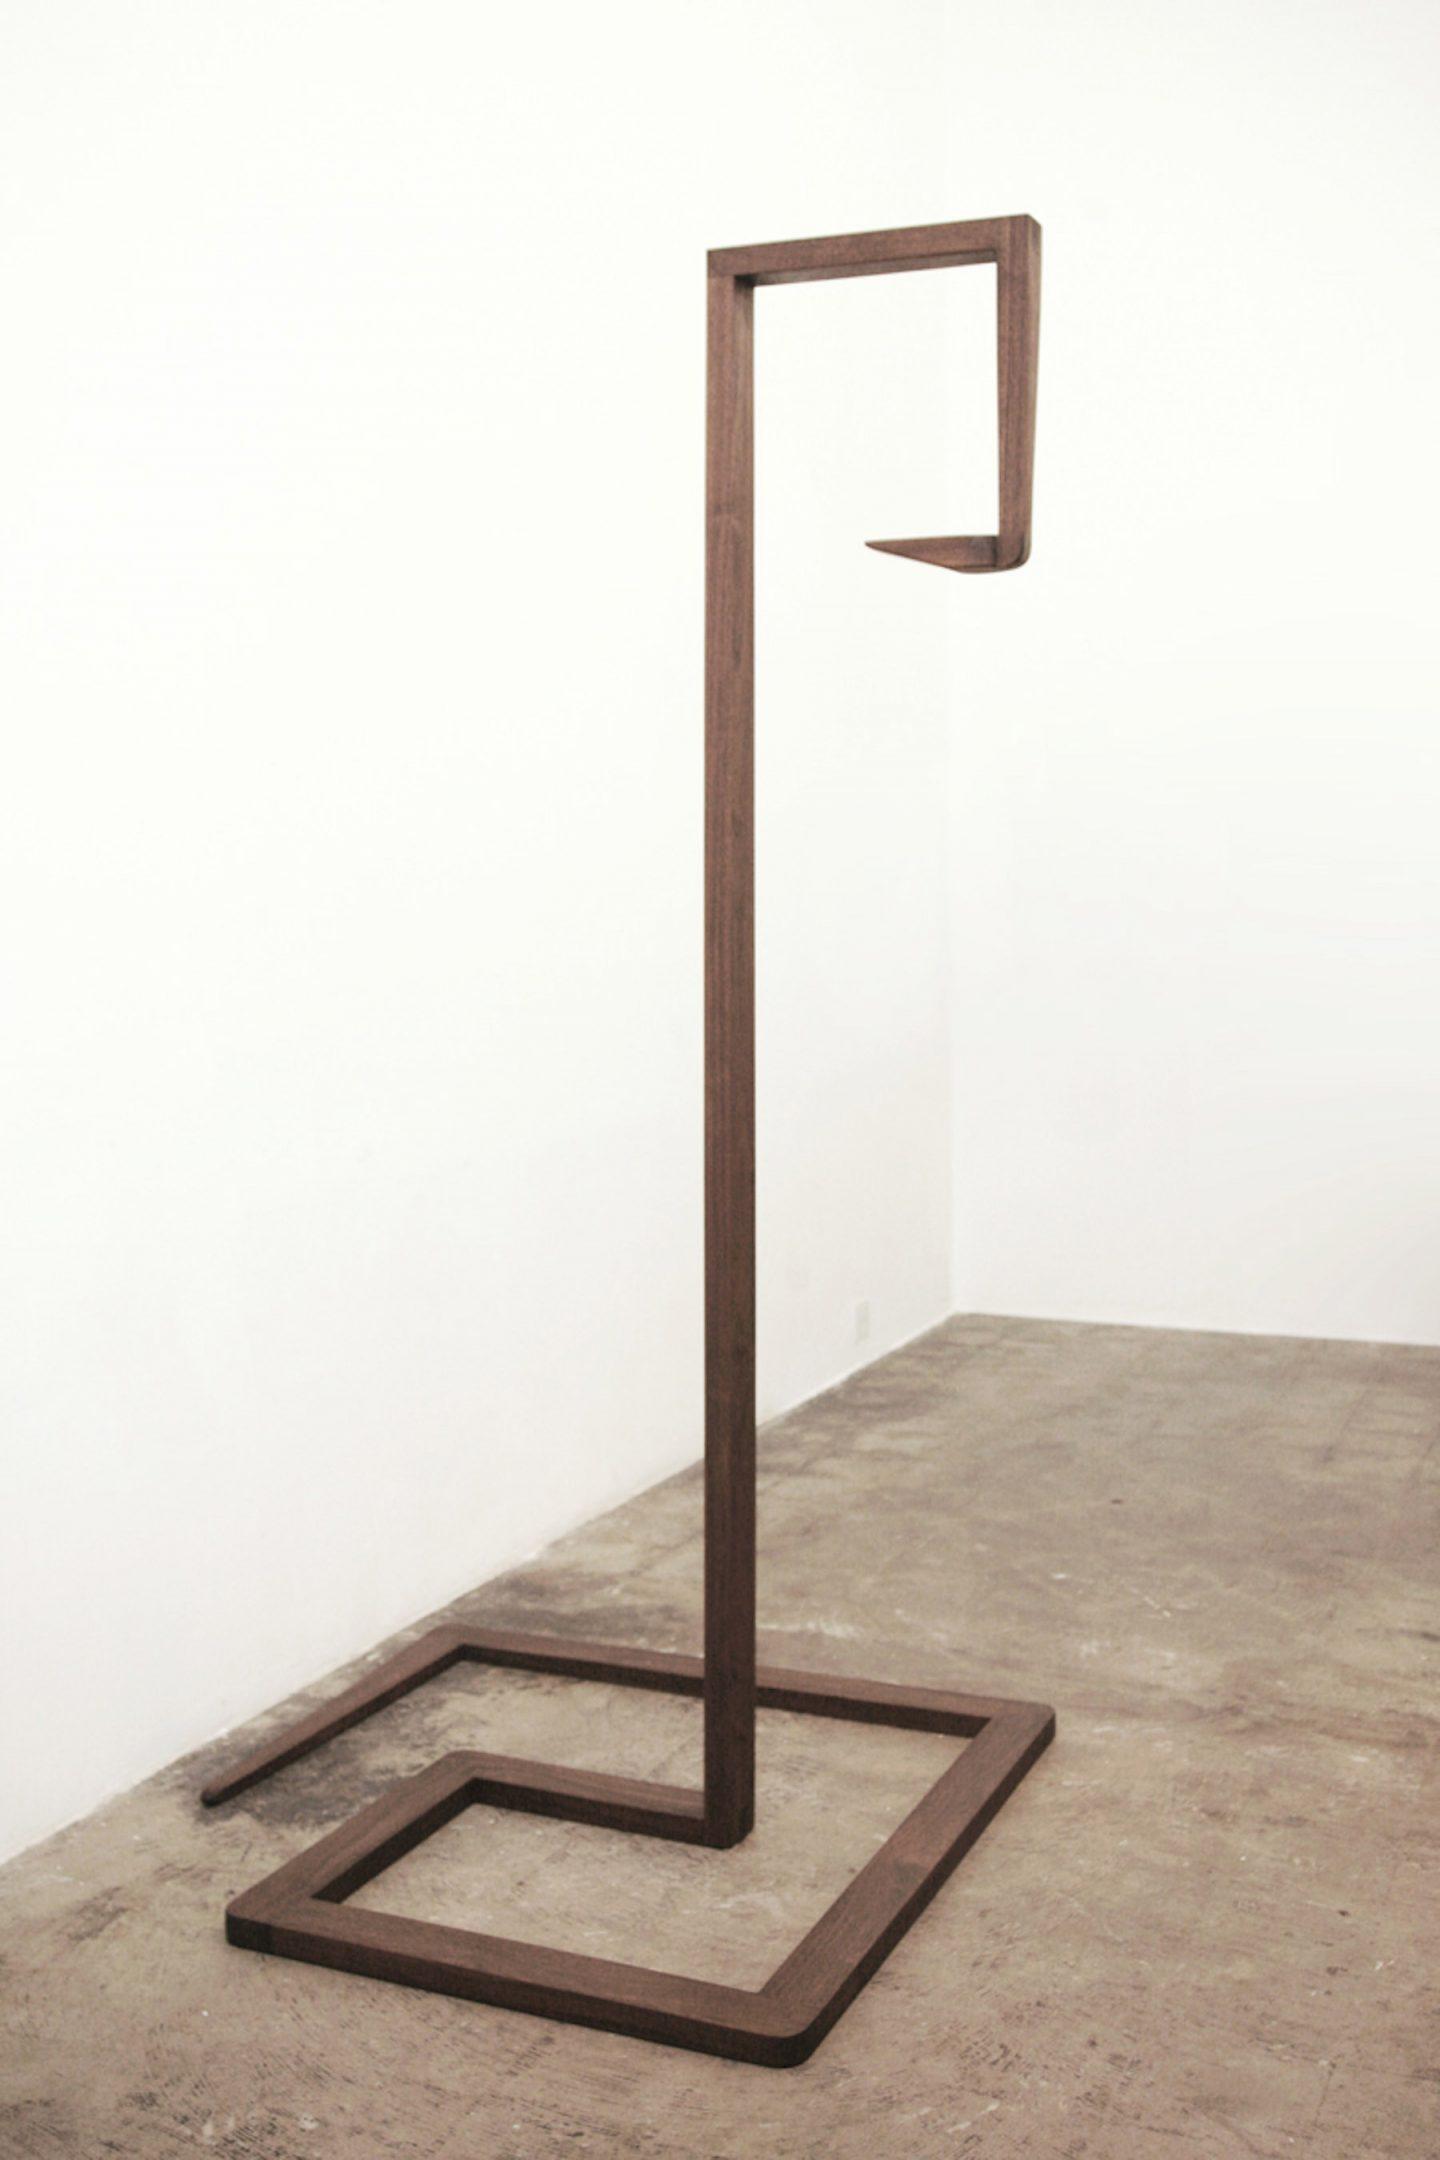 iGNANT-Art-Cammie-Staros-Sculpture-01